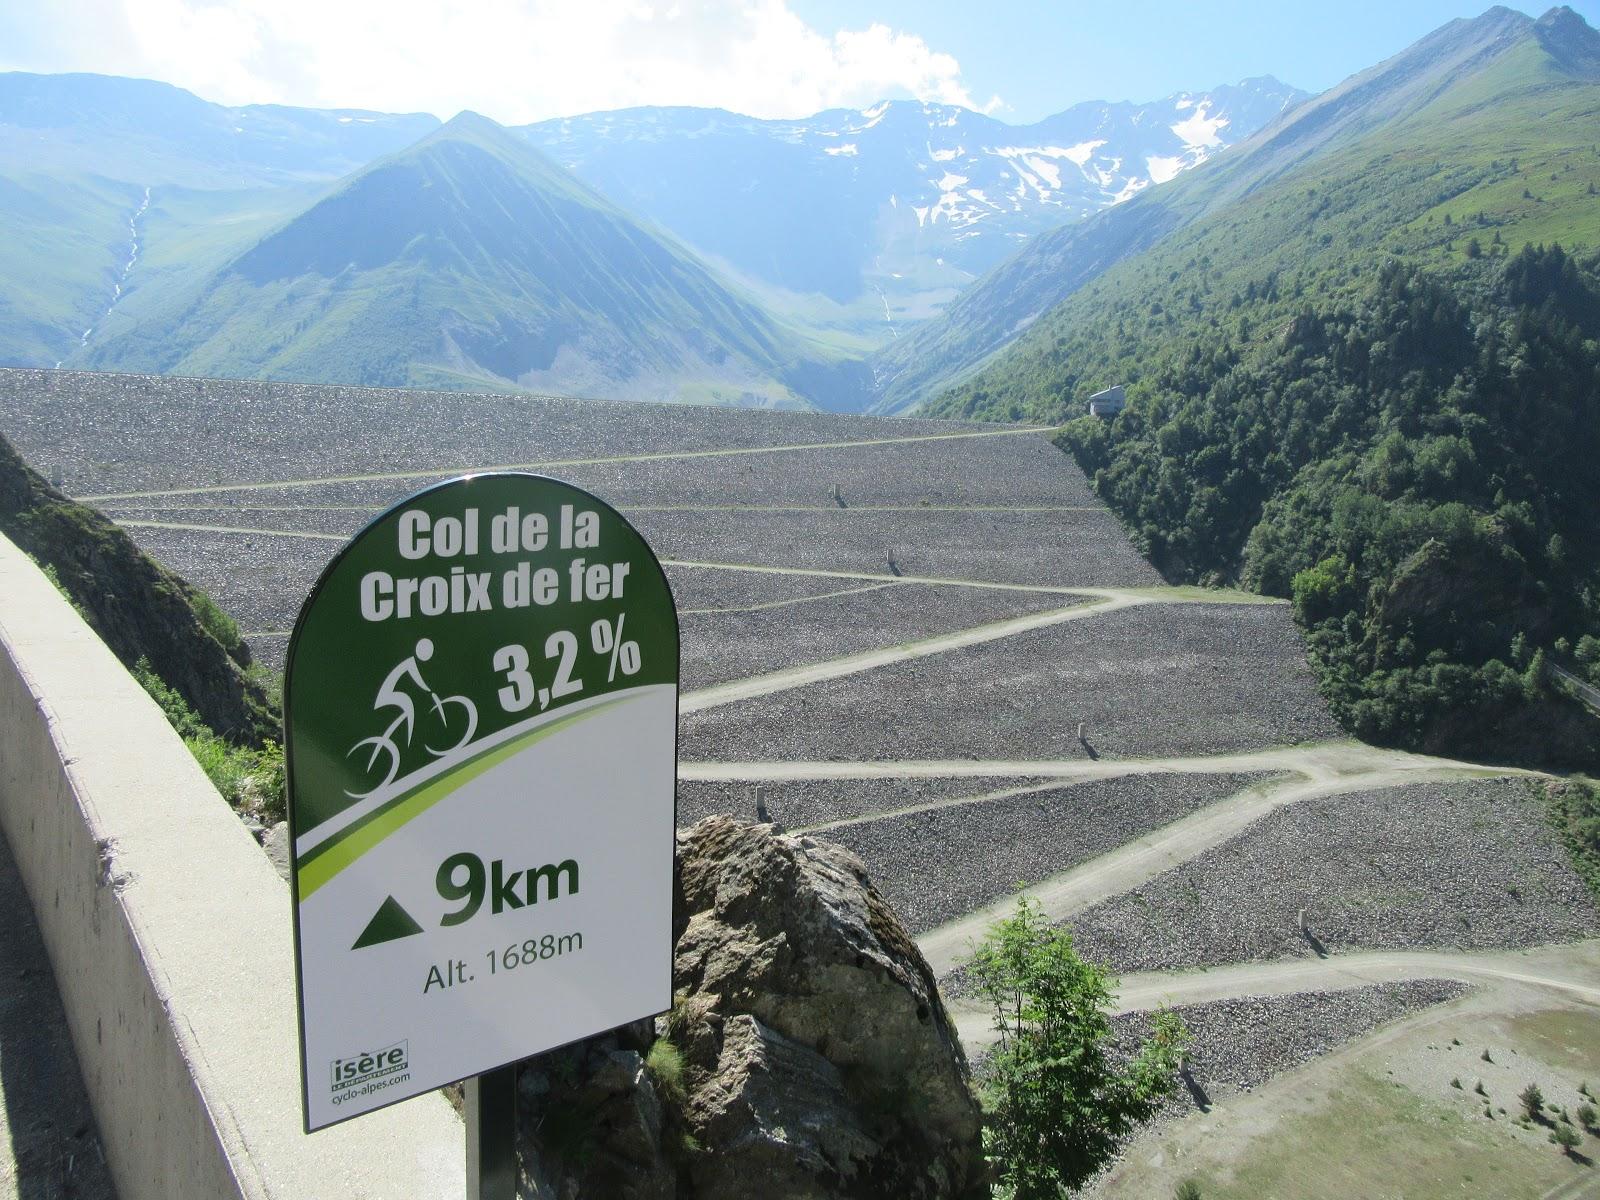 Bike climb Col du Glandon - dam at Lac de Grand Maison, km 9 sign